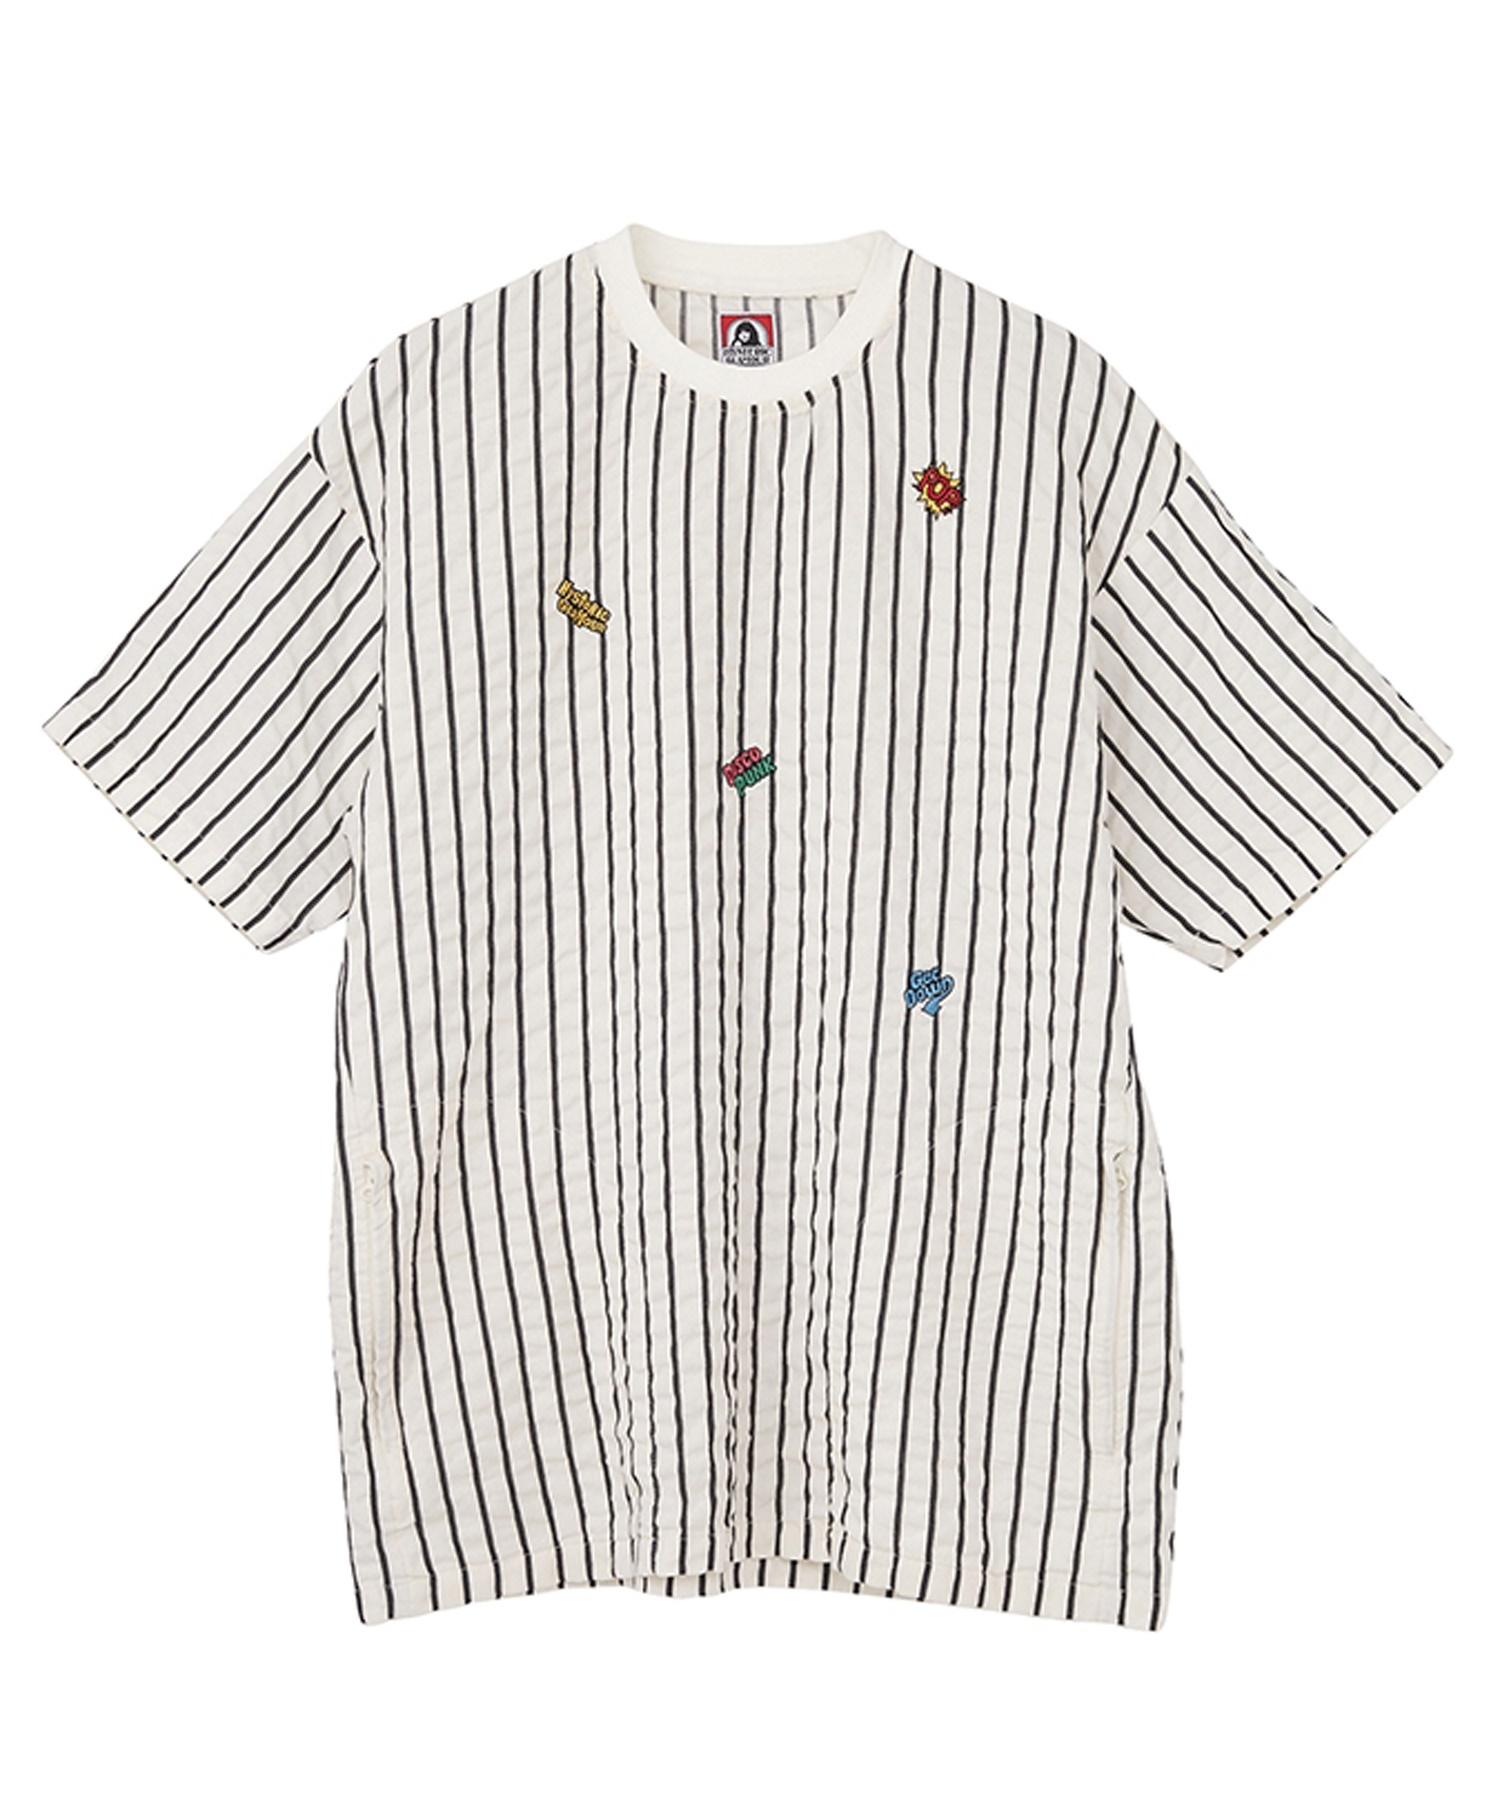 LOGO SCRATCH刺繍 半袖プルオーバー